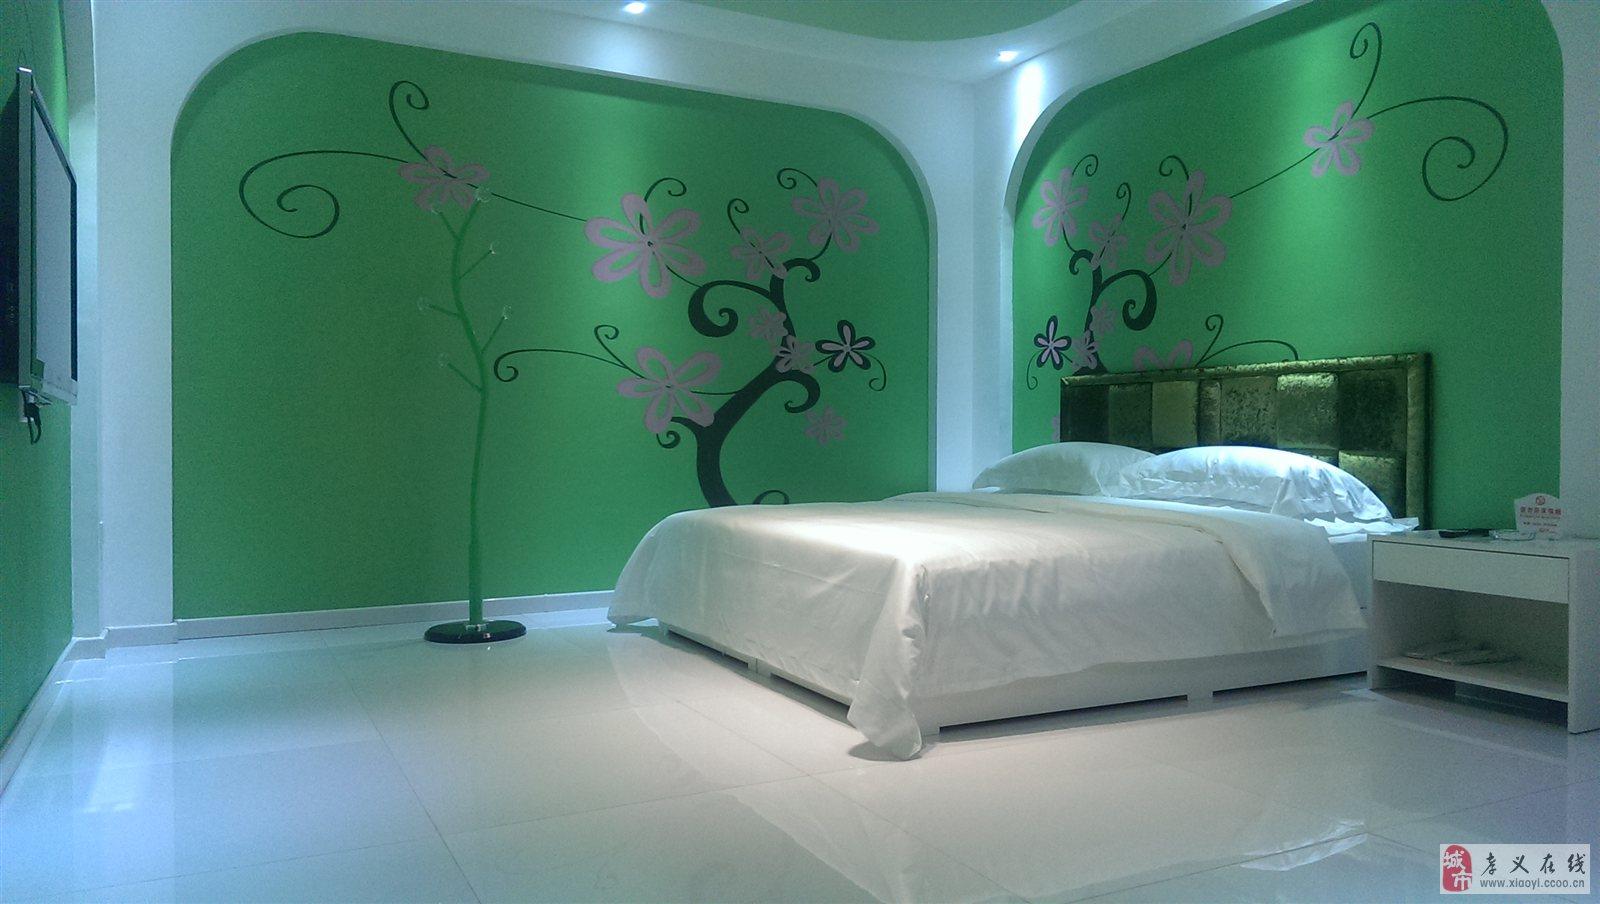 酒店房间由业内知名设计师浓情创意,融合前沿品味,专注浪漫体验,33款